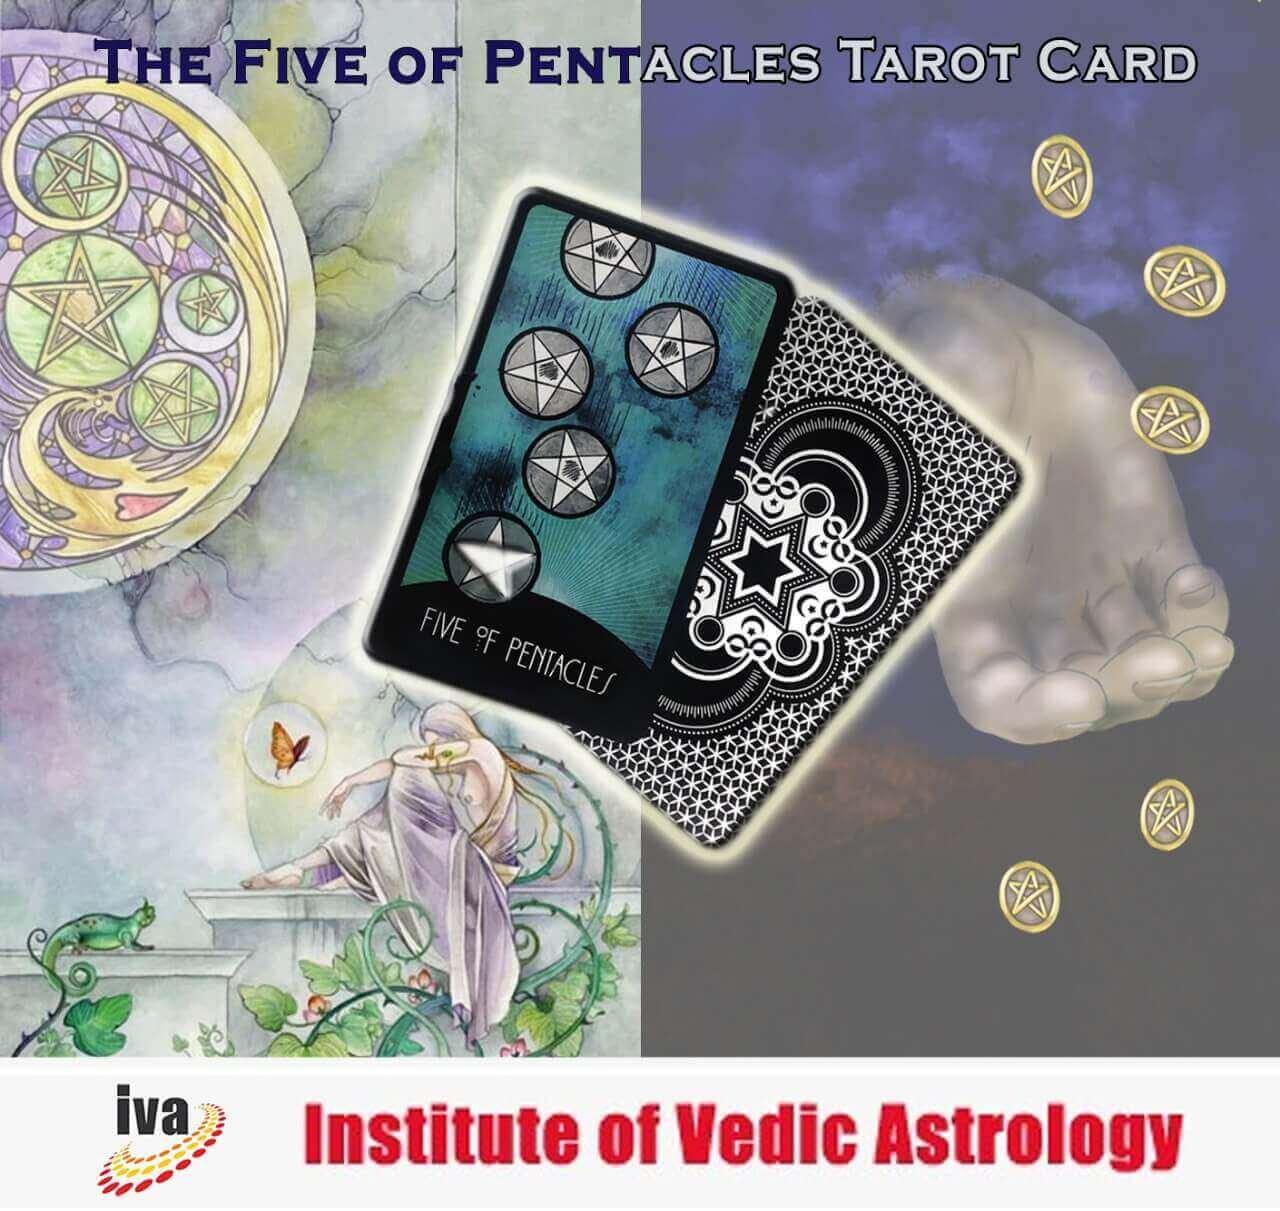 The Five of Pentacles Tarot Card